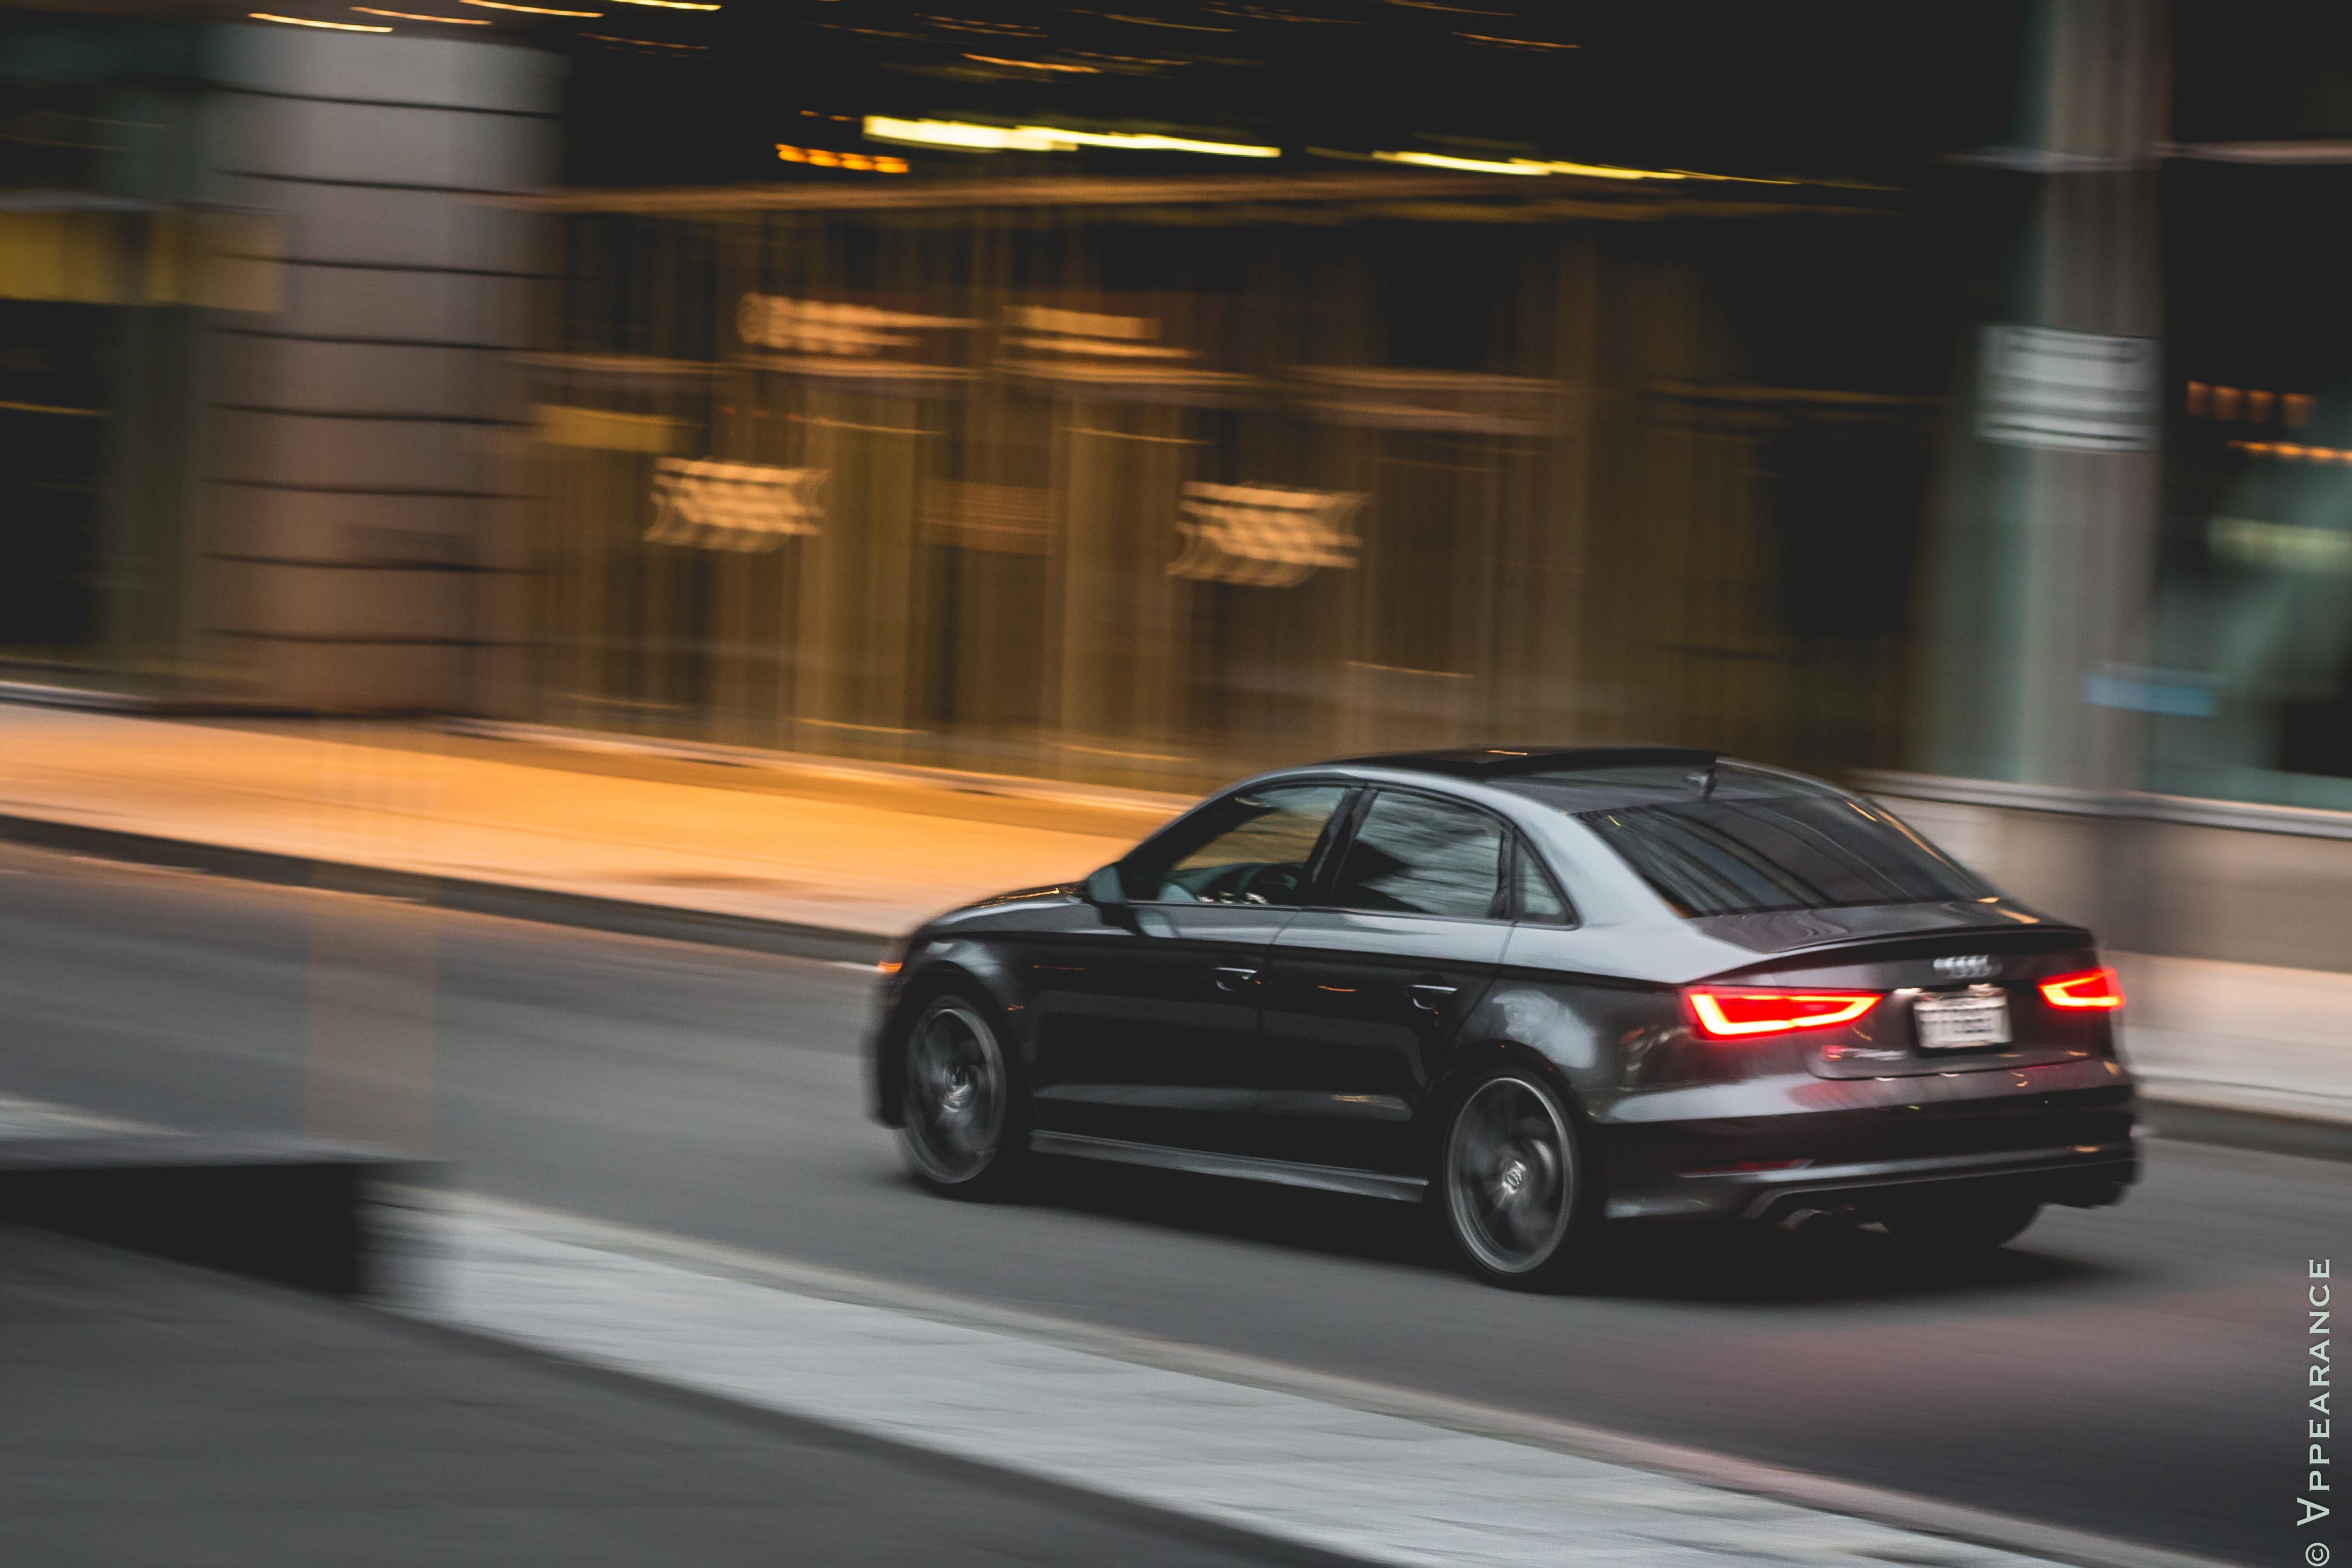 Kelebihan Kekurangan Audi S3 2016 Tangguh